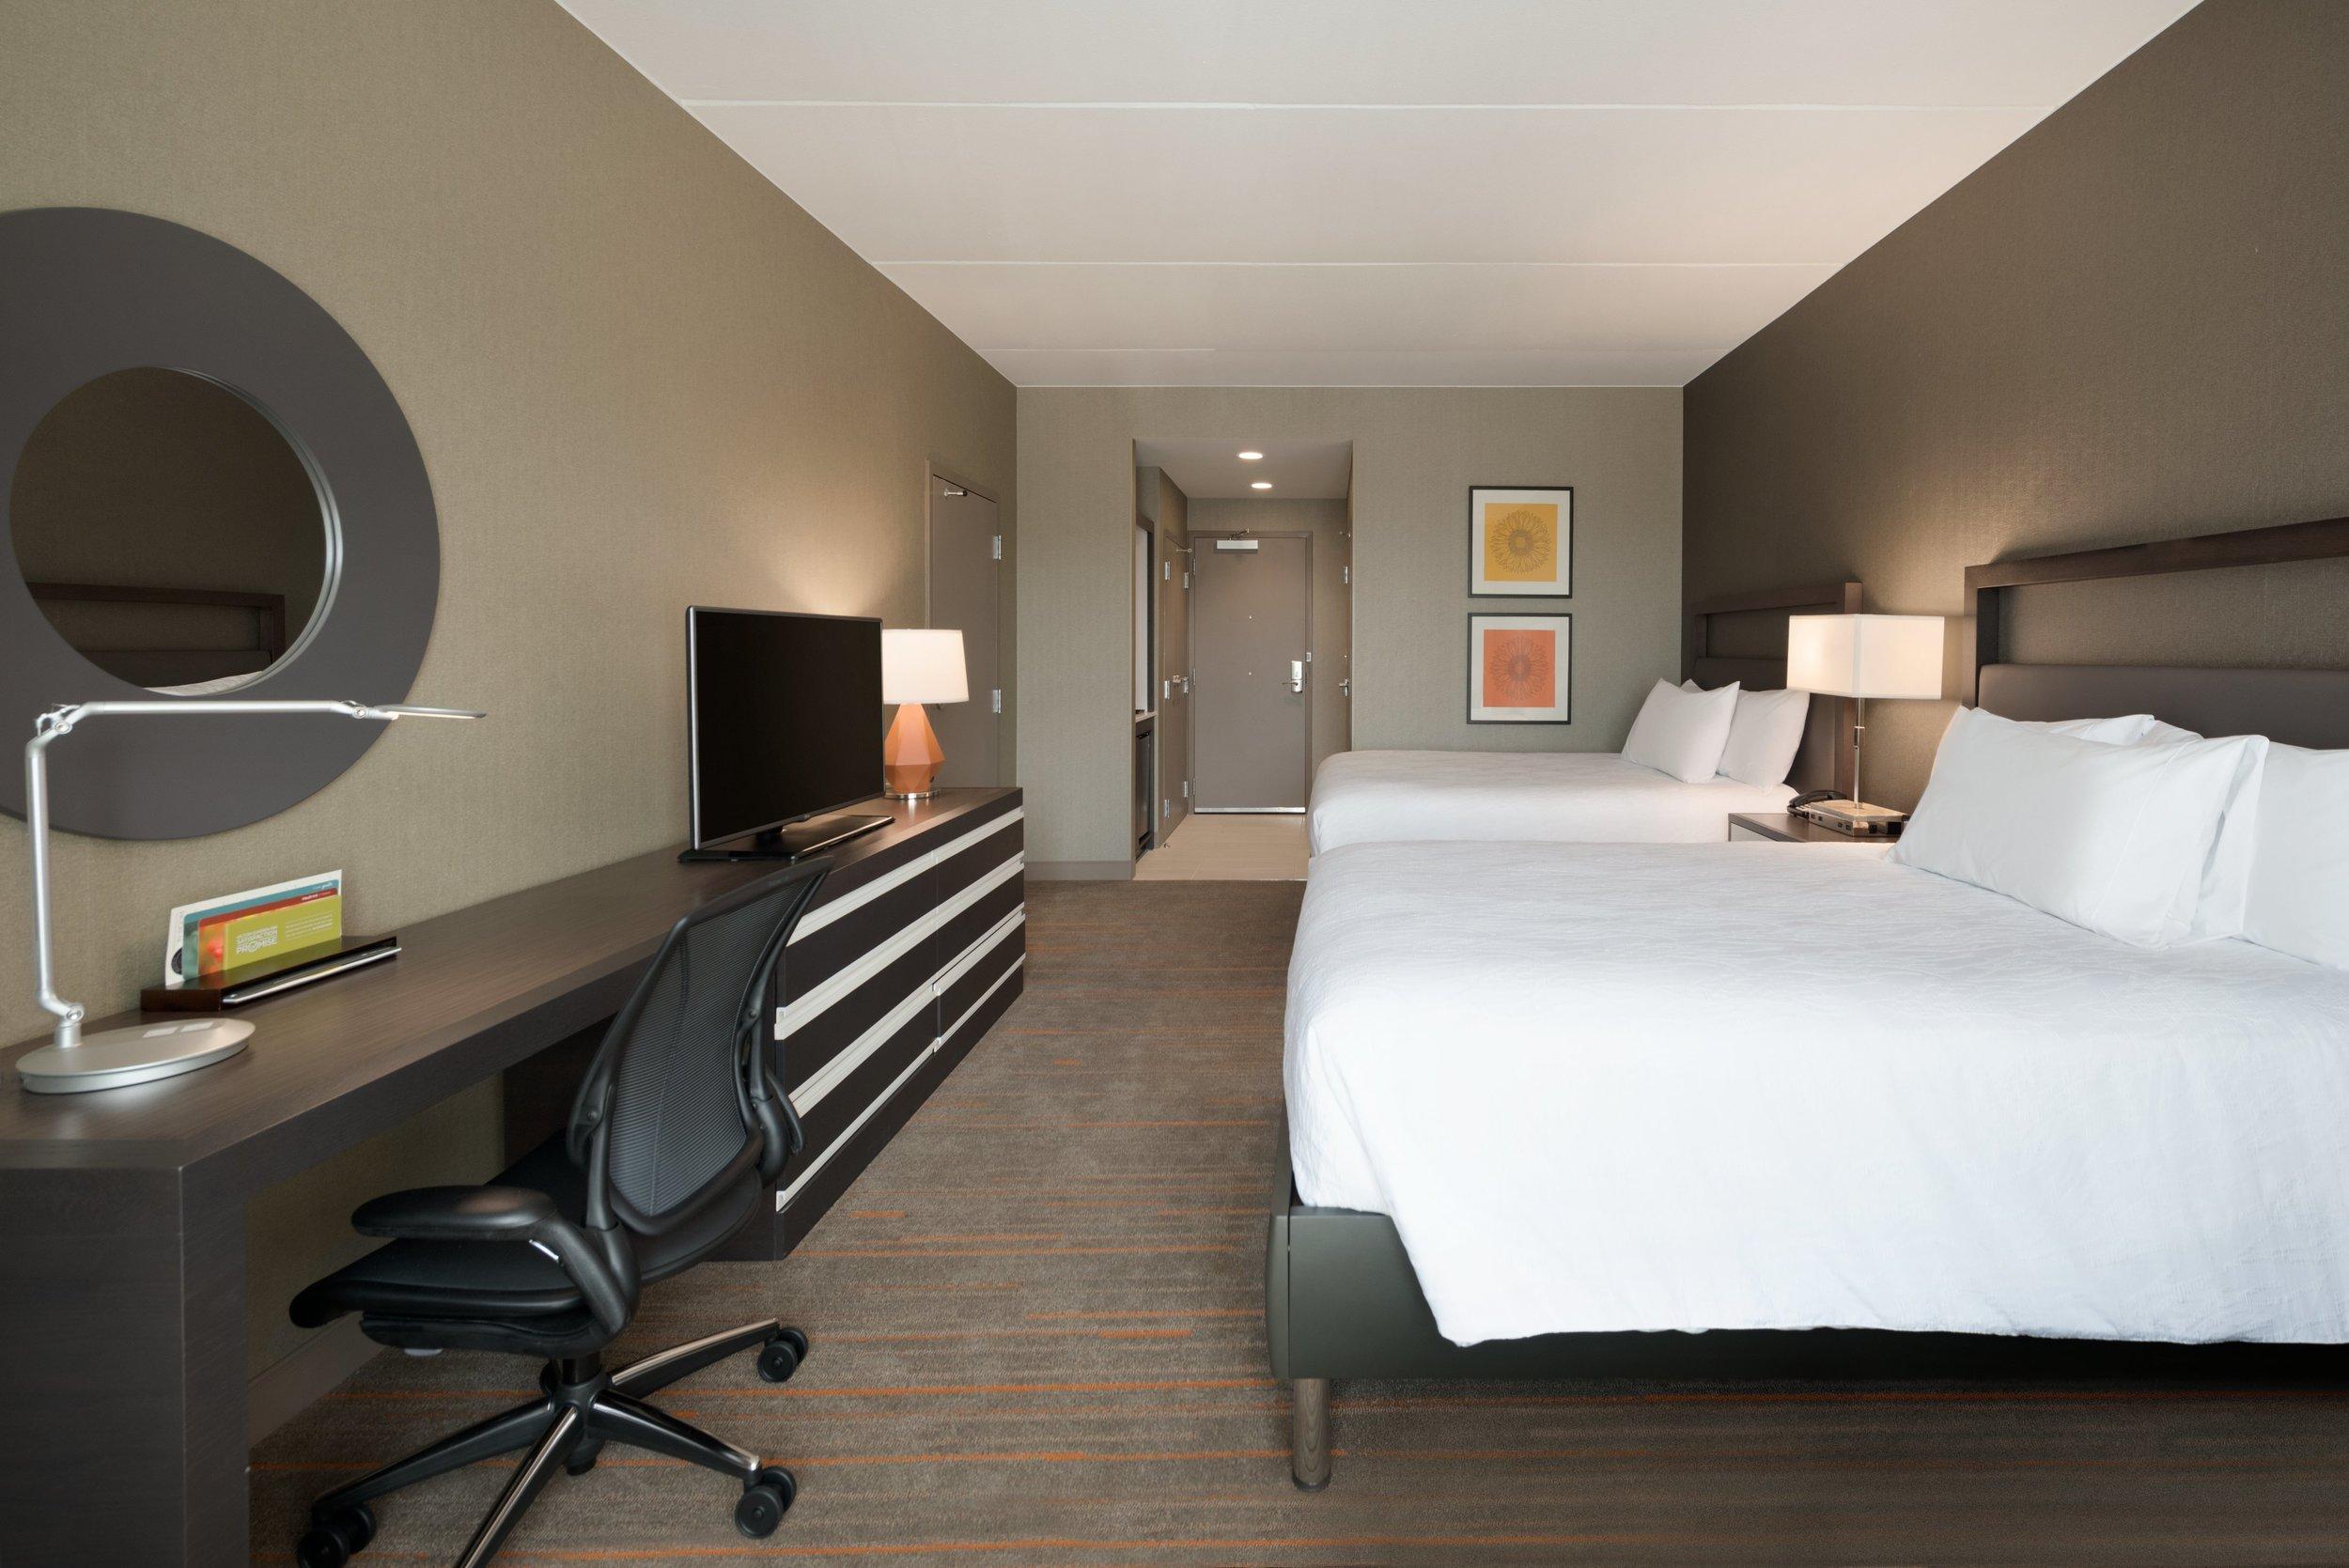 Hilton Garden Inn Rochester University & Medical Center - 2 Queen Guestroom - 1049775.jpg